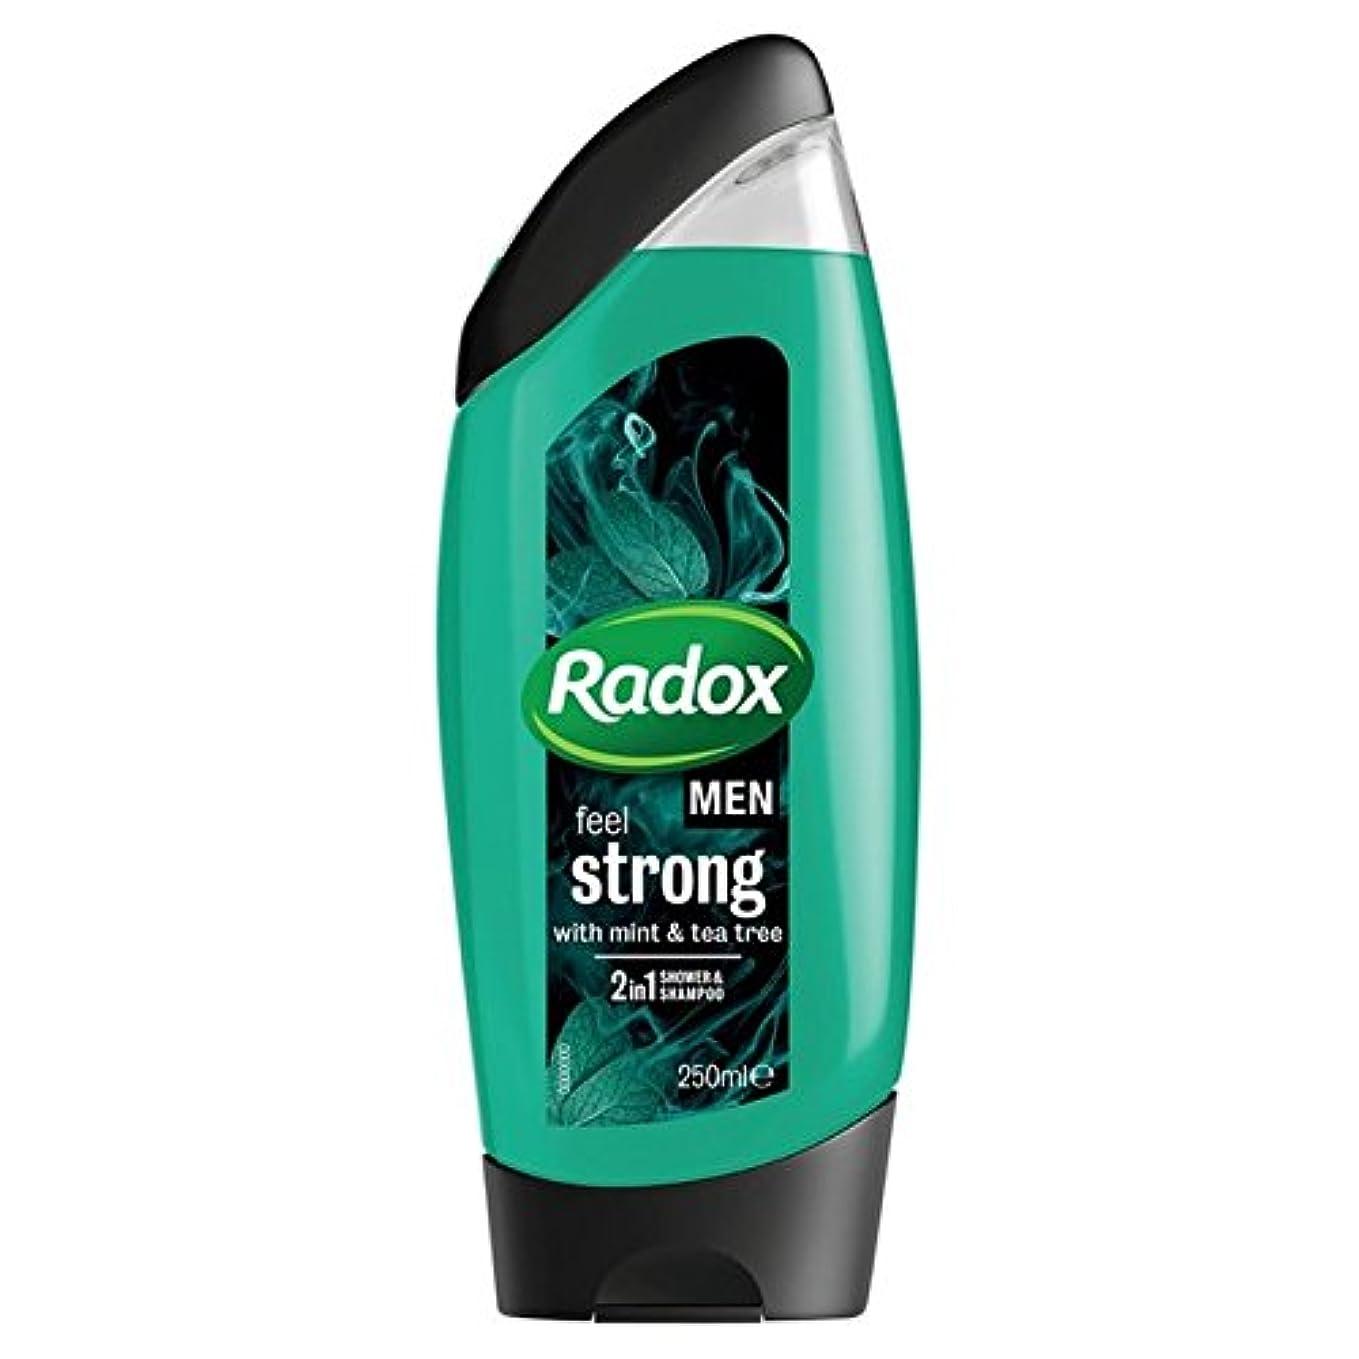 犯すベンチャーロッドRadox Men Feel Strong Mint & Tea Tree 2in1 Shower Gel 250ml - 男性は、強力なミント&ティーツリーの21のシャワージェル250ミリリットルを感じます [並行輸入品]